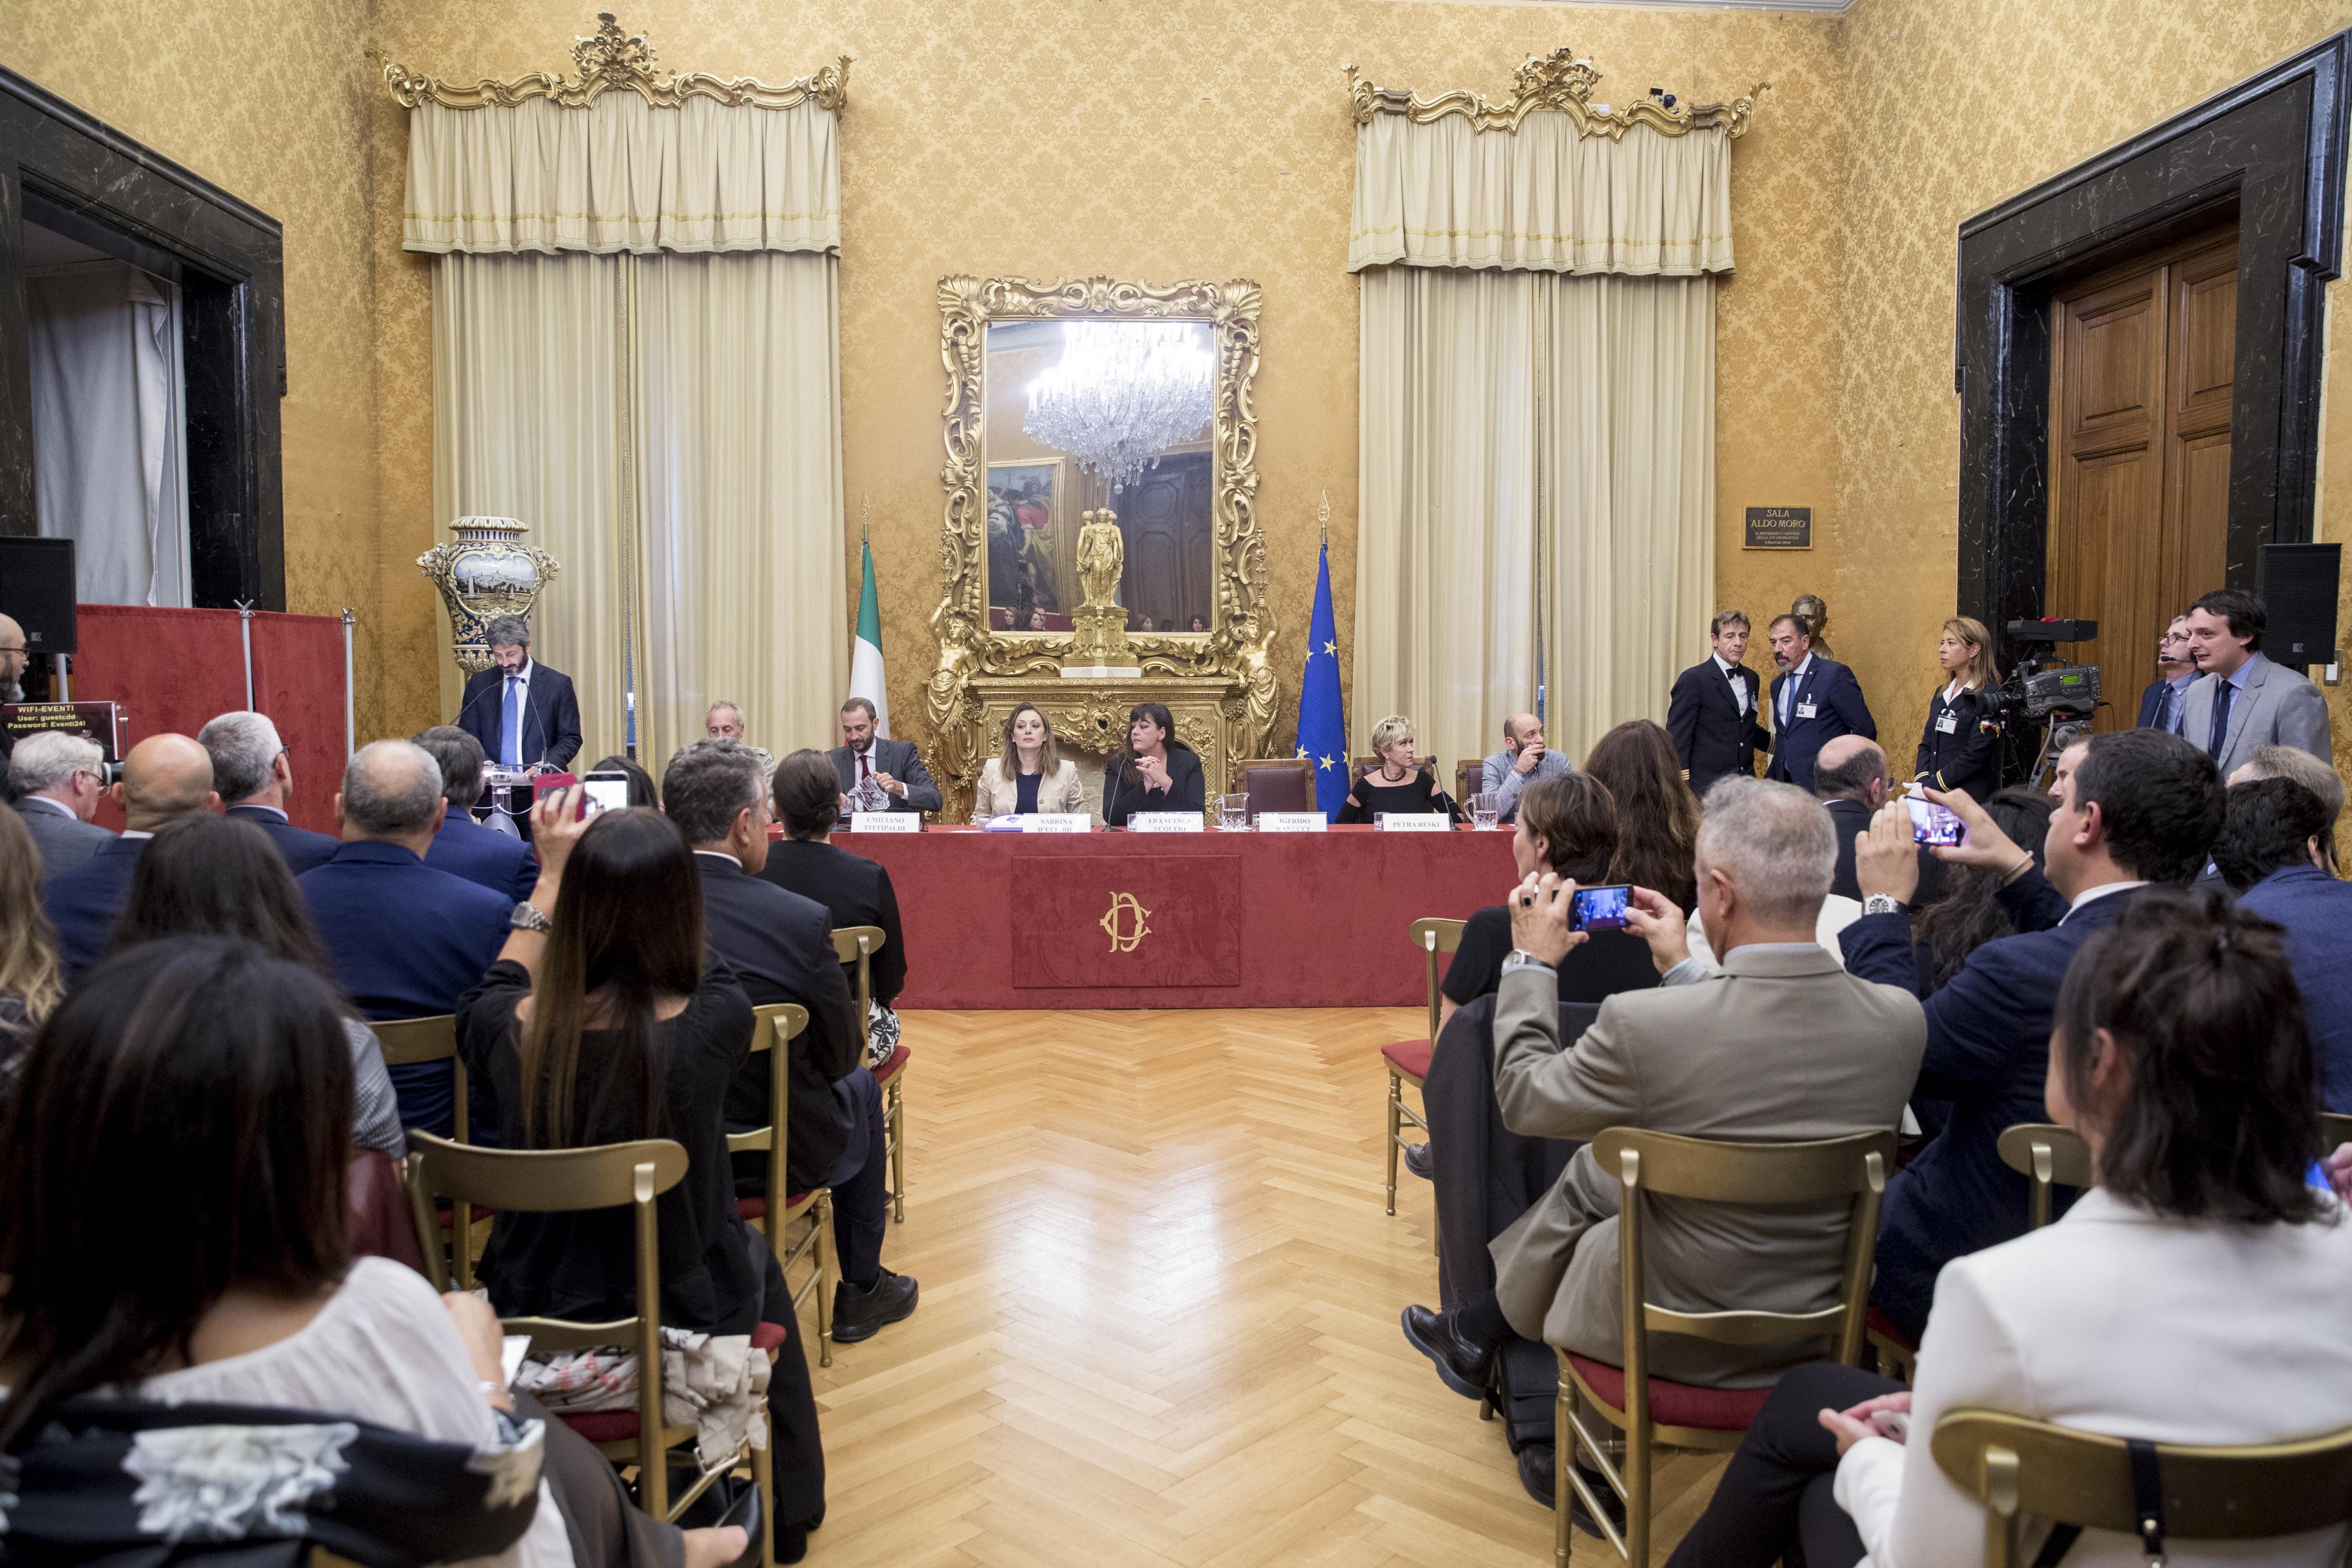 04_10_2018_Fico_Giornalismo_Pilastro_Democrazia-2436